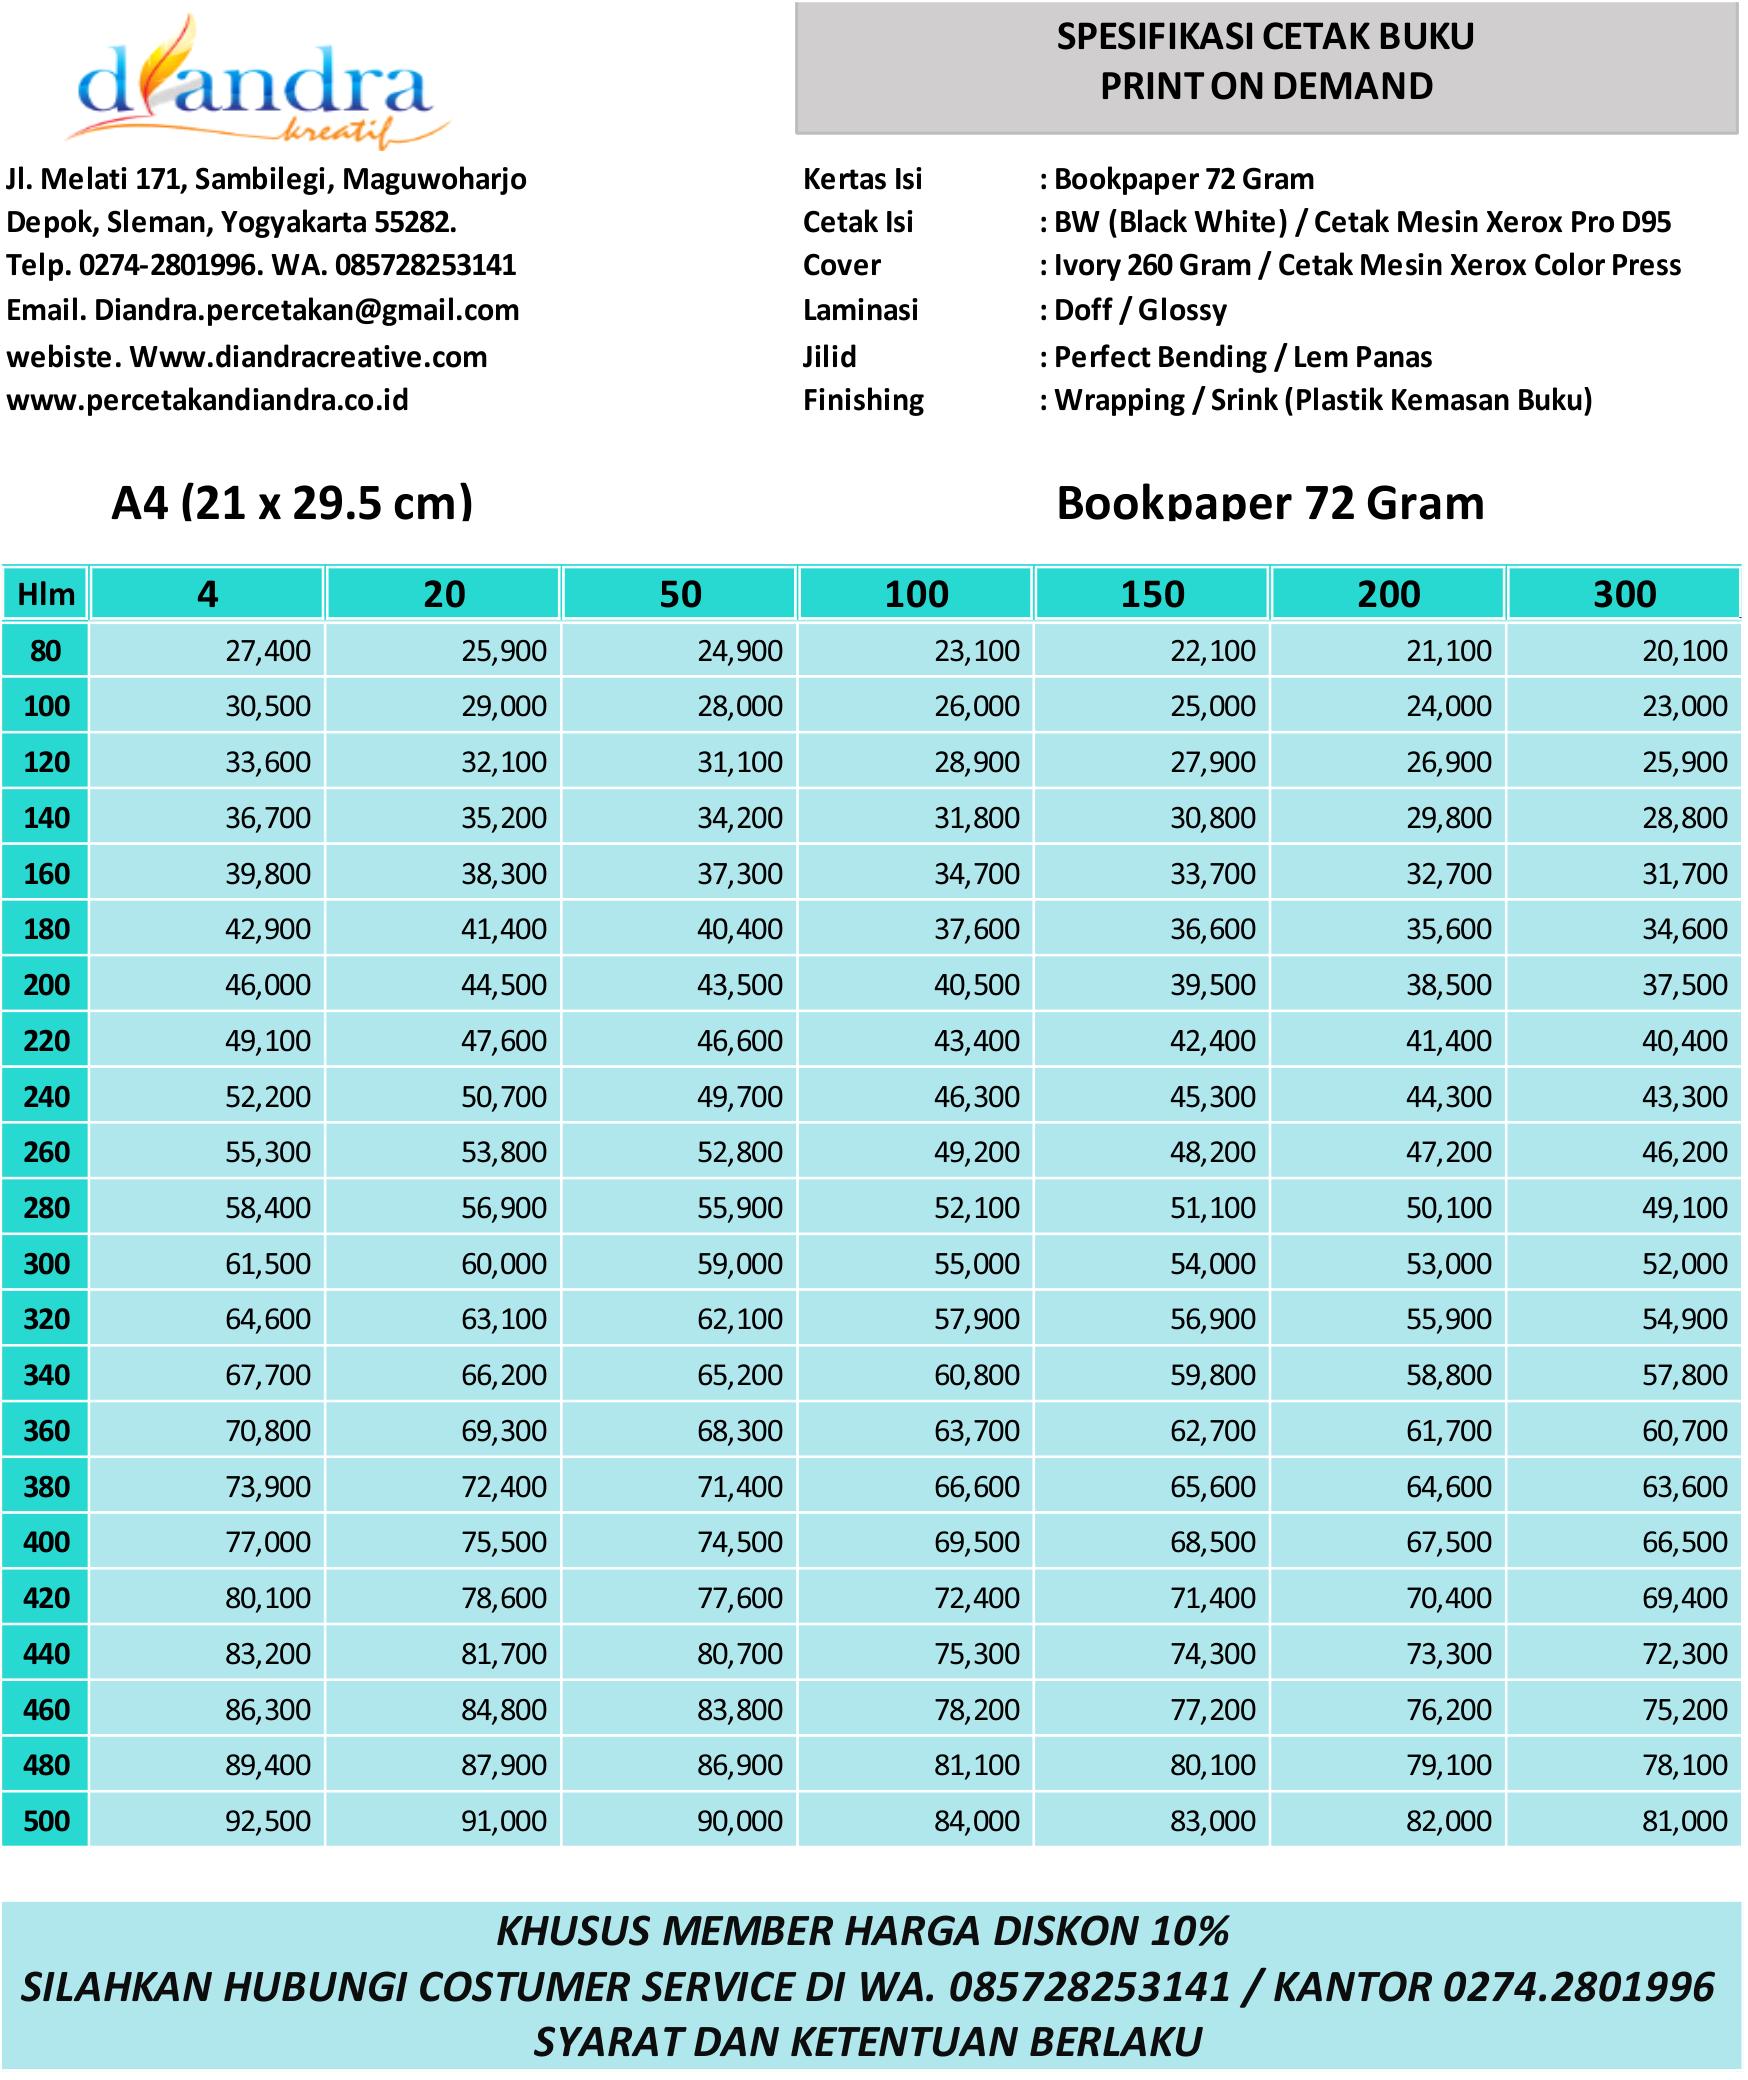 Harga Cetak Buku PoD Ukuran A4